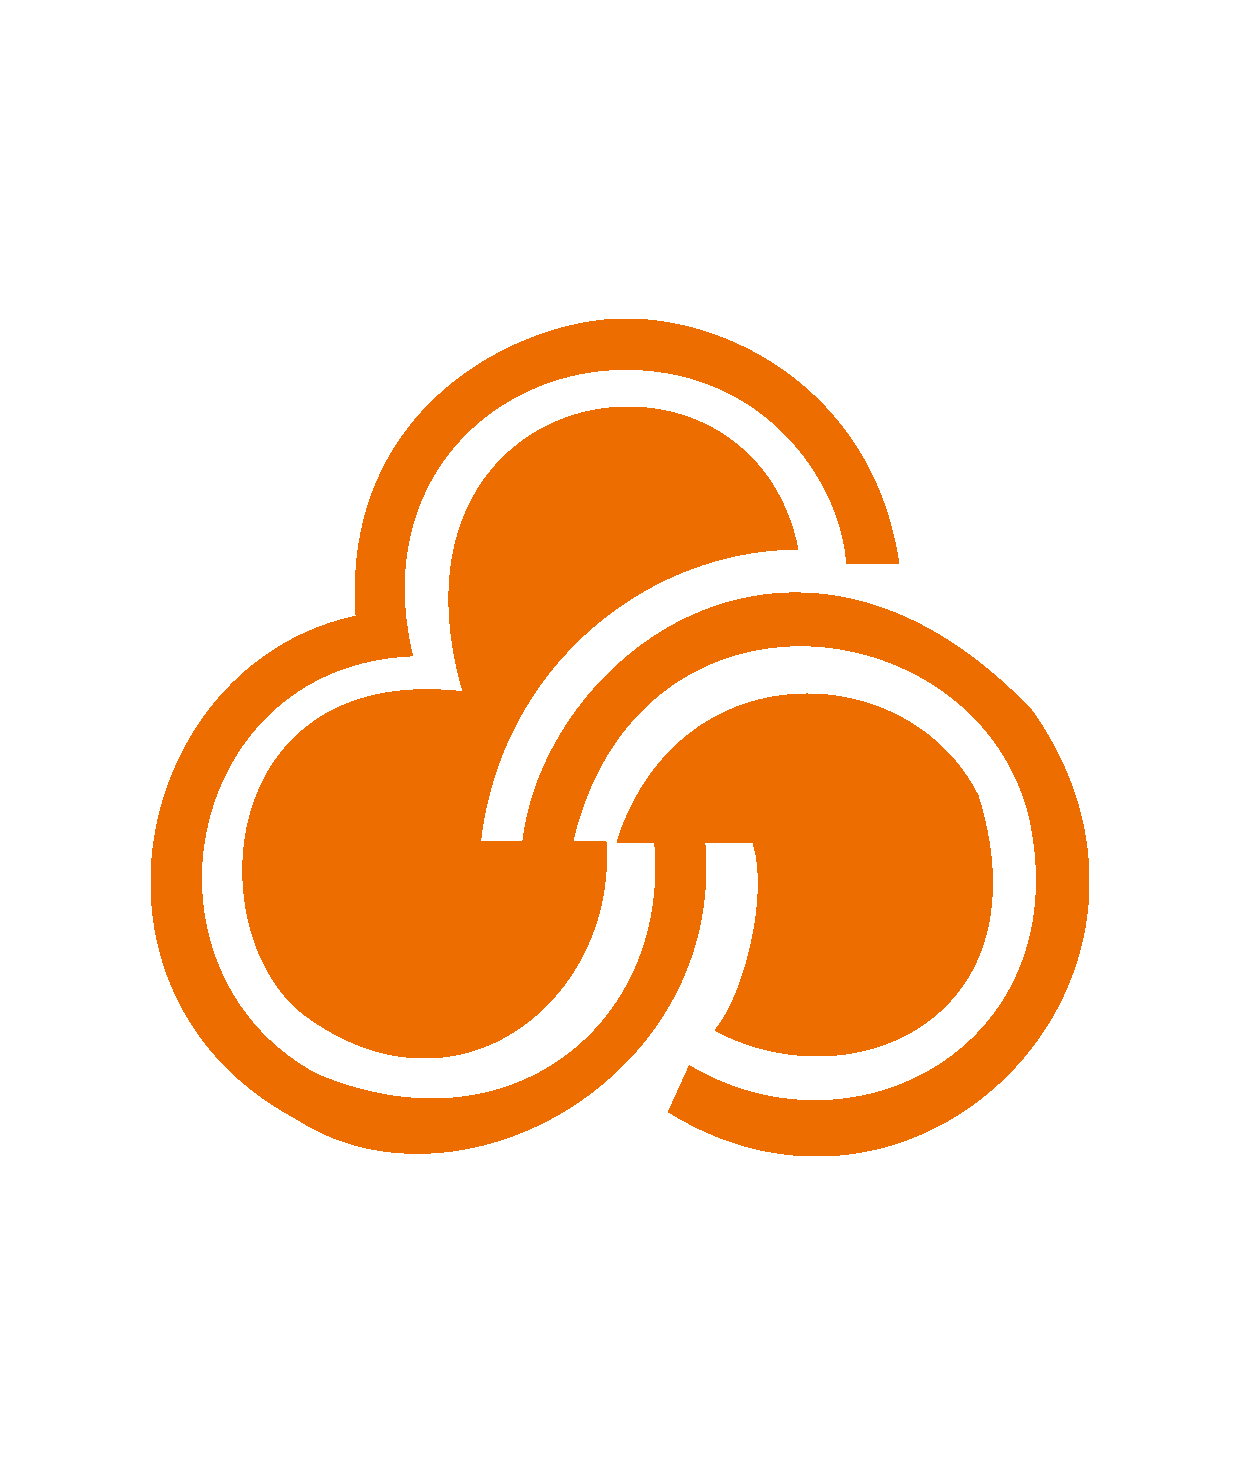 태경산업의 계열사 태경에스비씨(주)의 로고